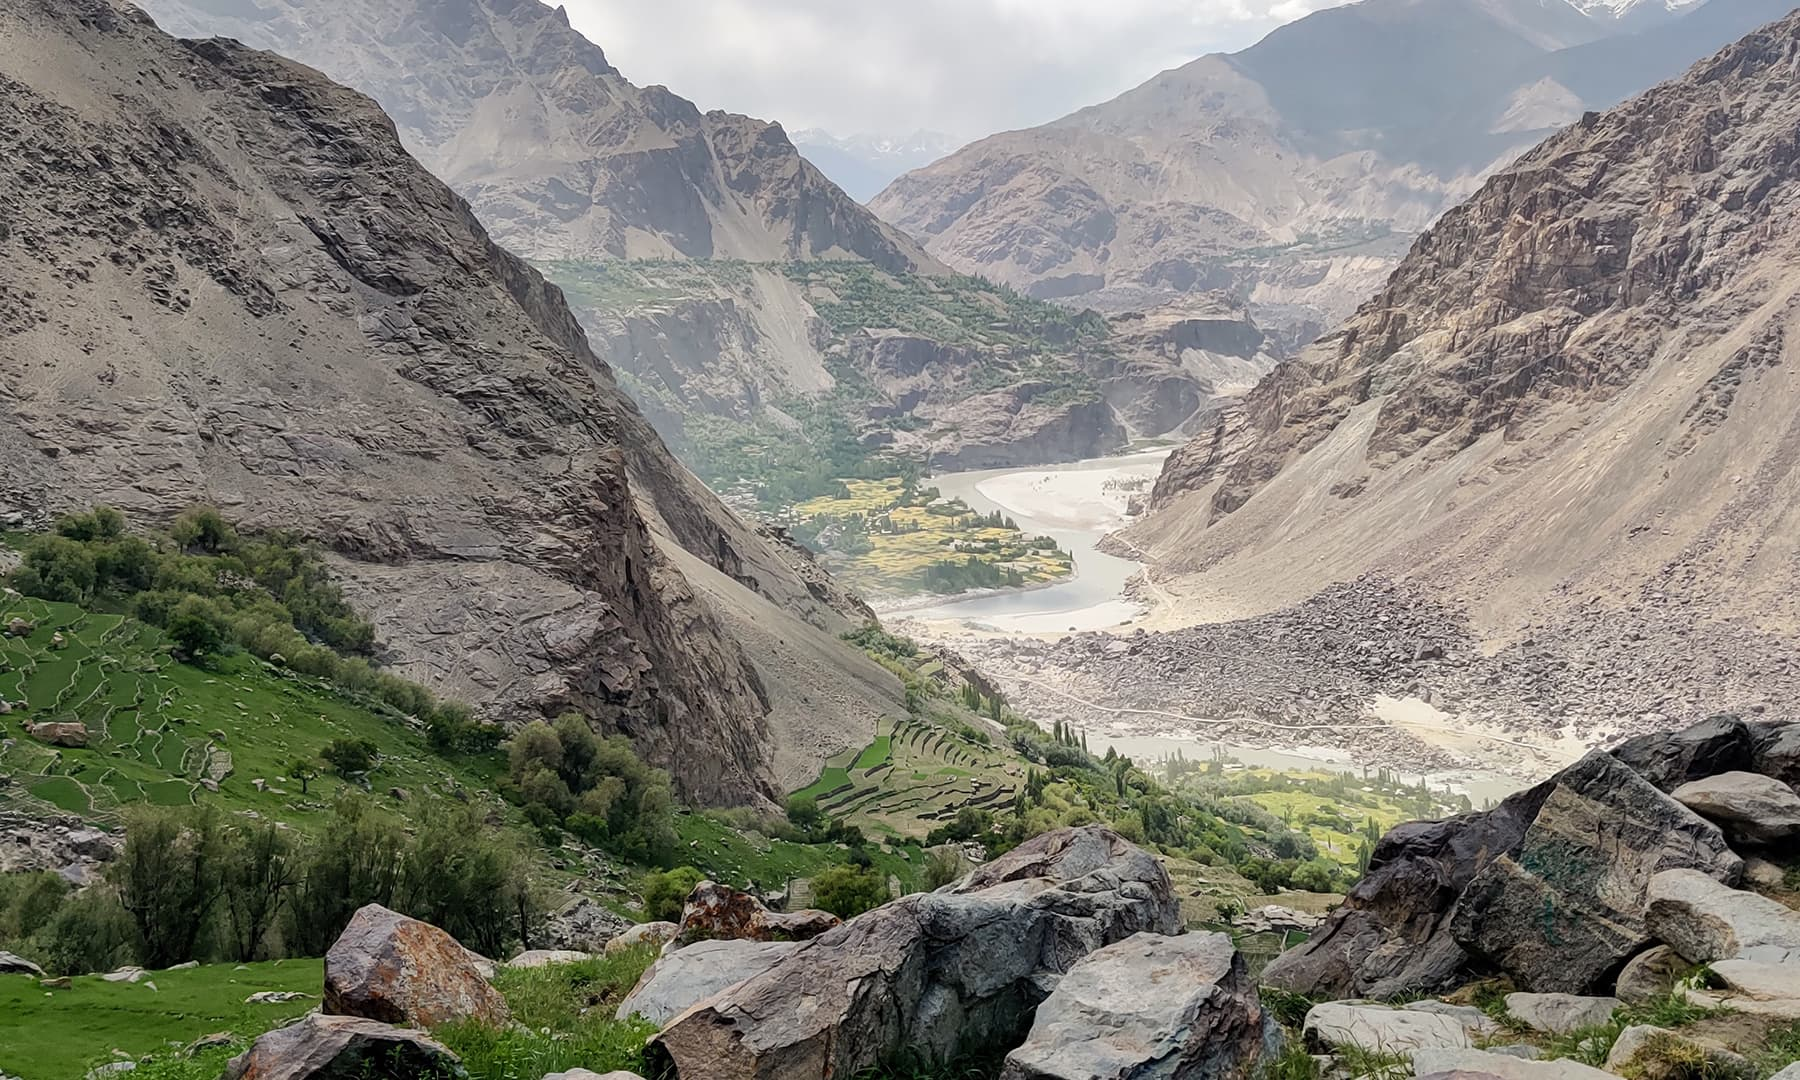 خرفق گاؤں میں عموماً آلو کی فصل کاشت کی جاتی ہے